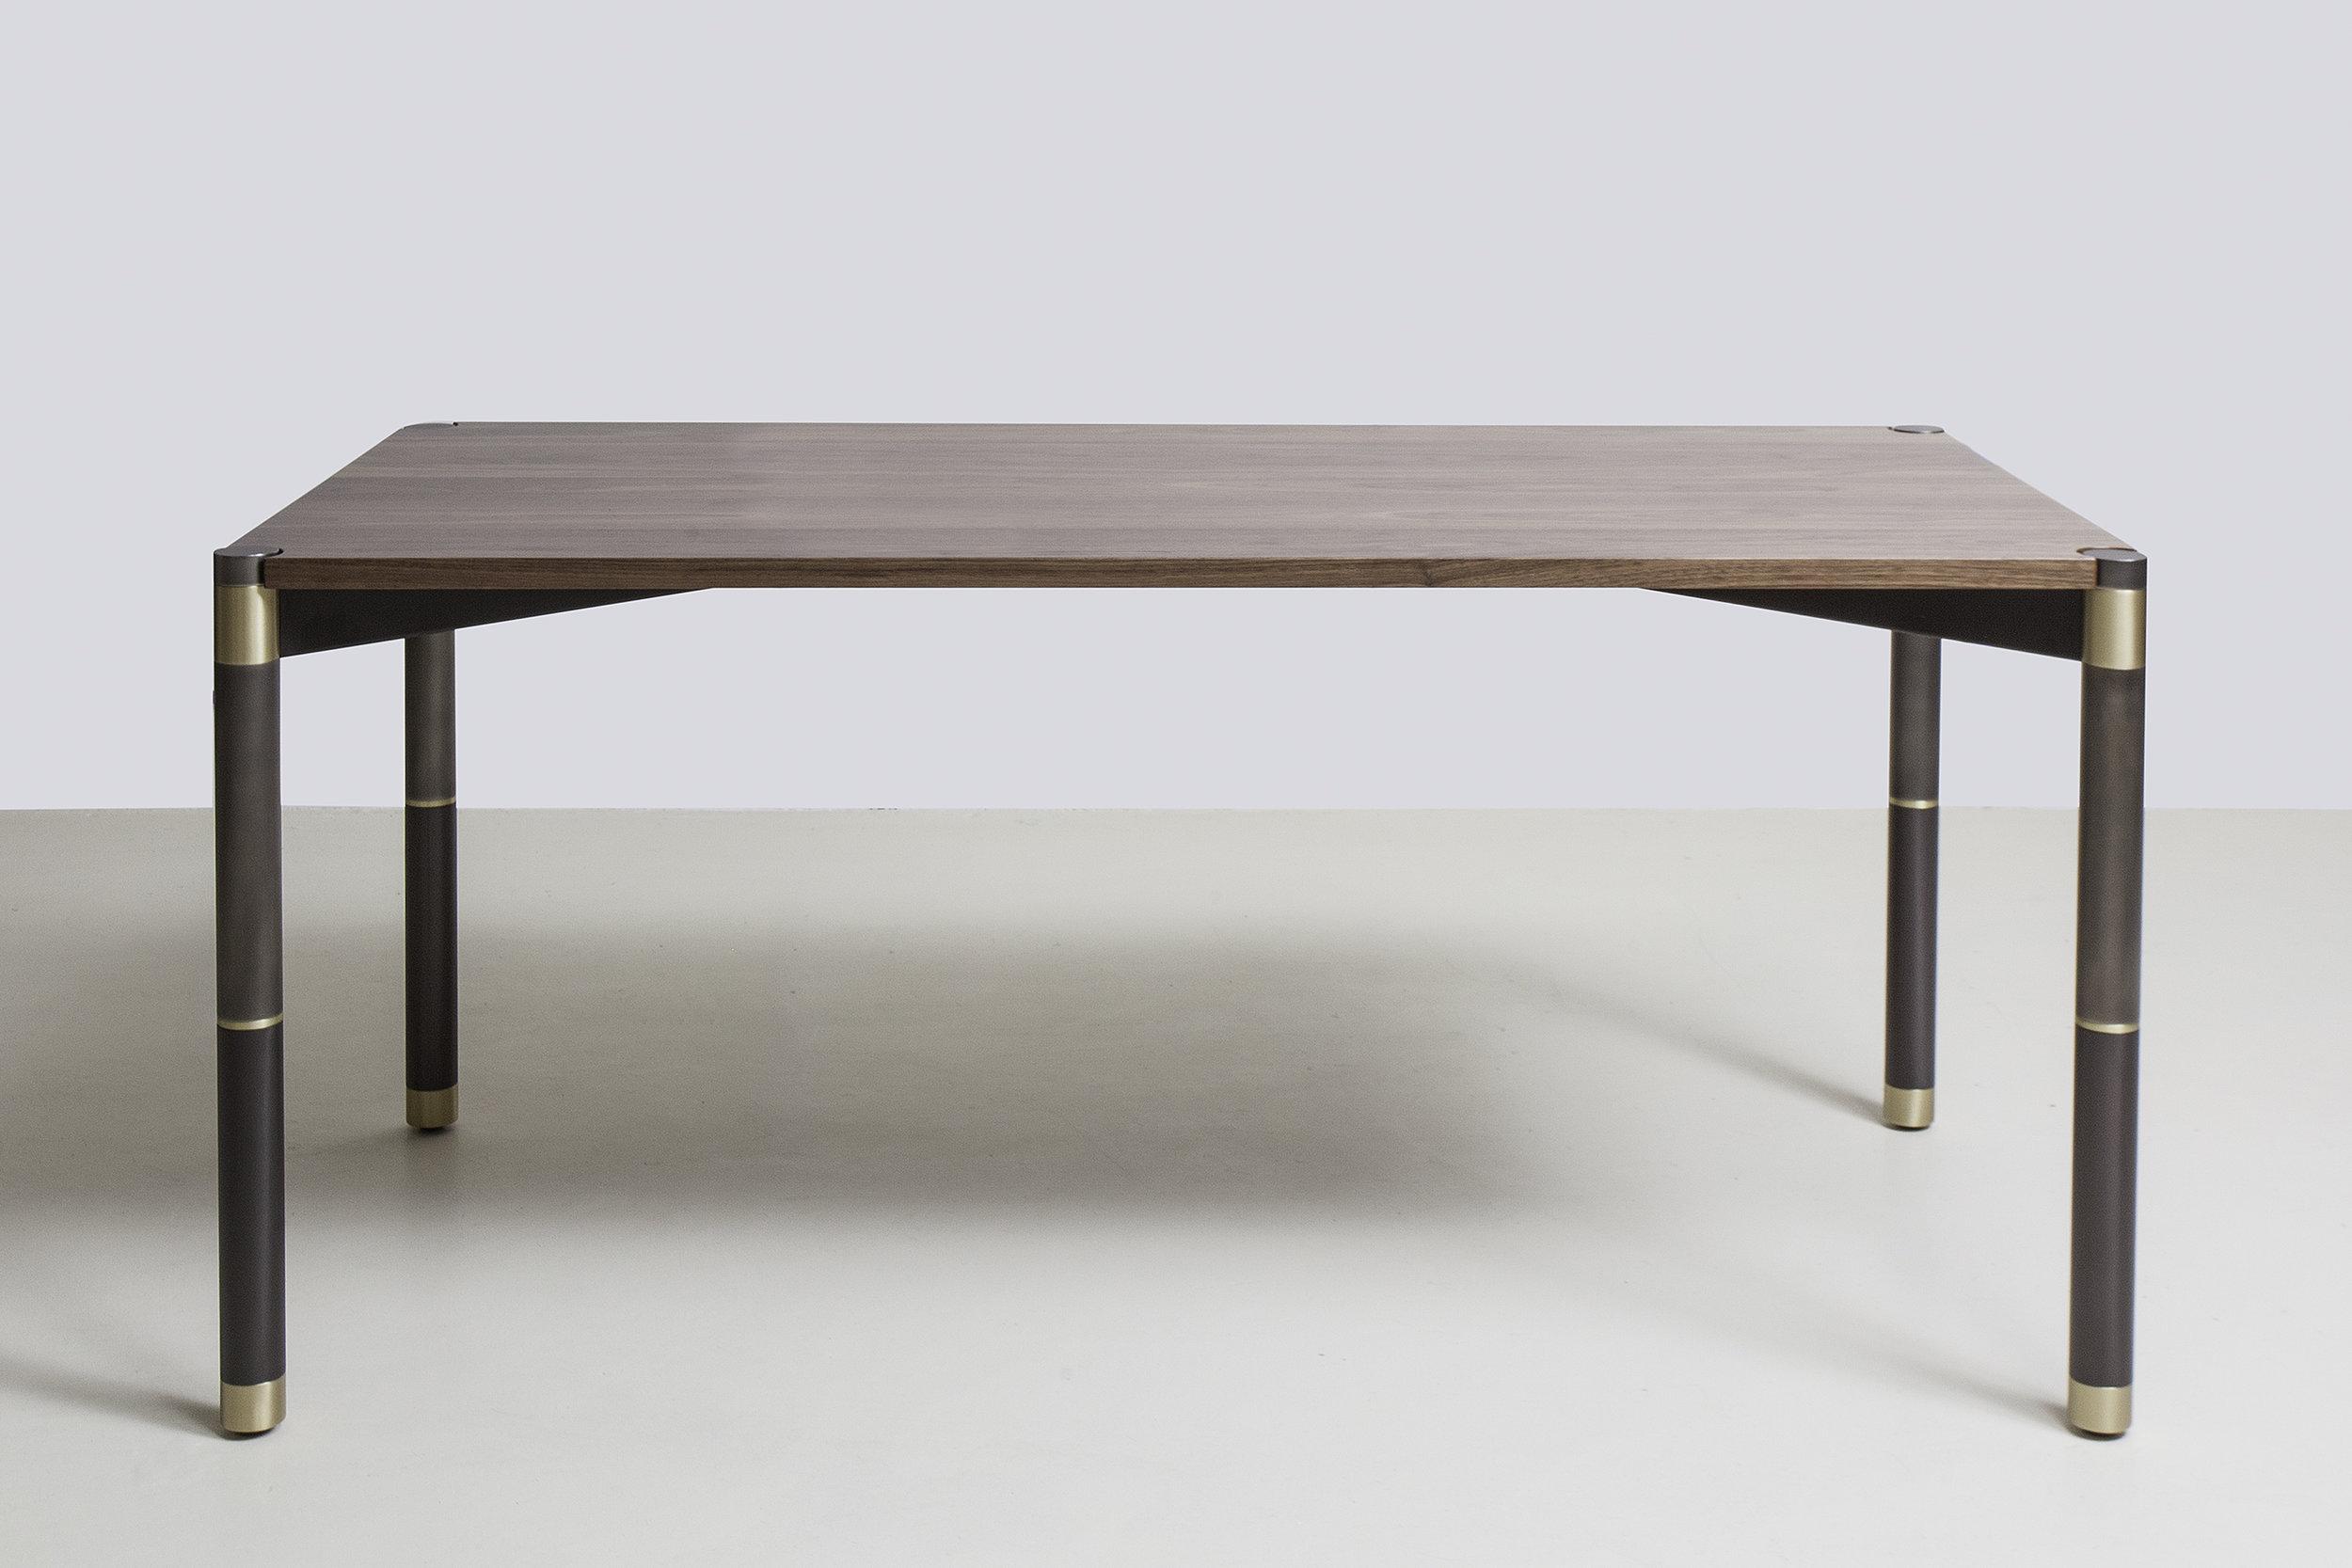 Avram_Rusu_Nova_Small_Dining_Table_3.jpg